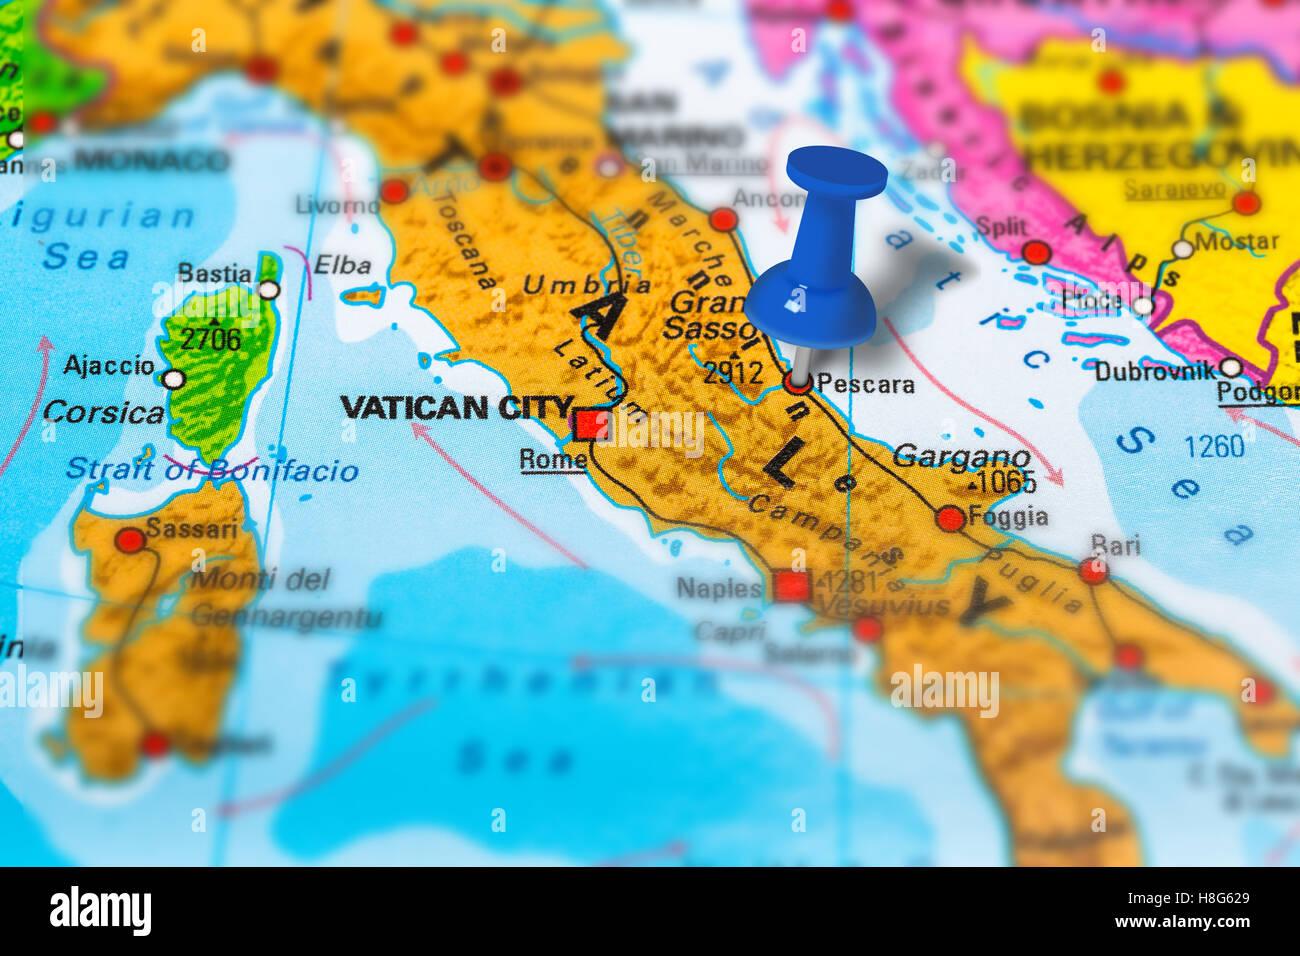 brevetto paracadutismo pescara italy map - photo#23